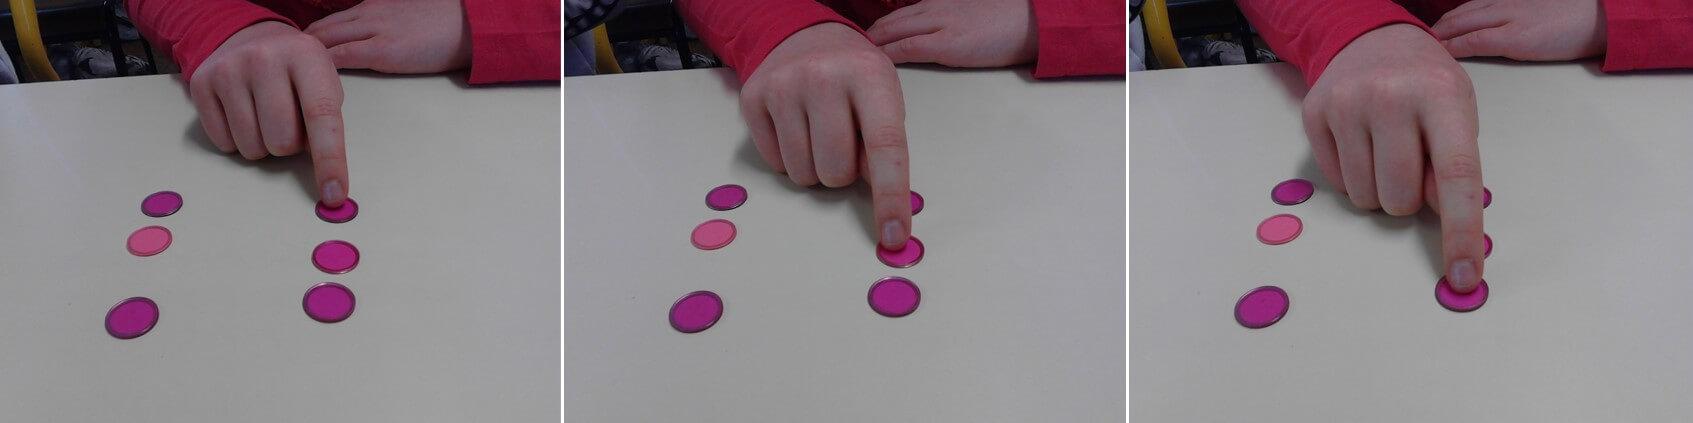 Un élève pointe du doigt les jetons en comptant 1, 2 et 3